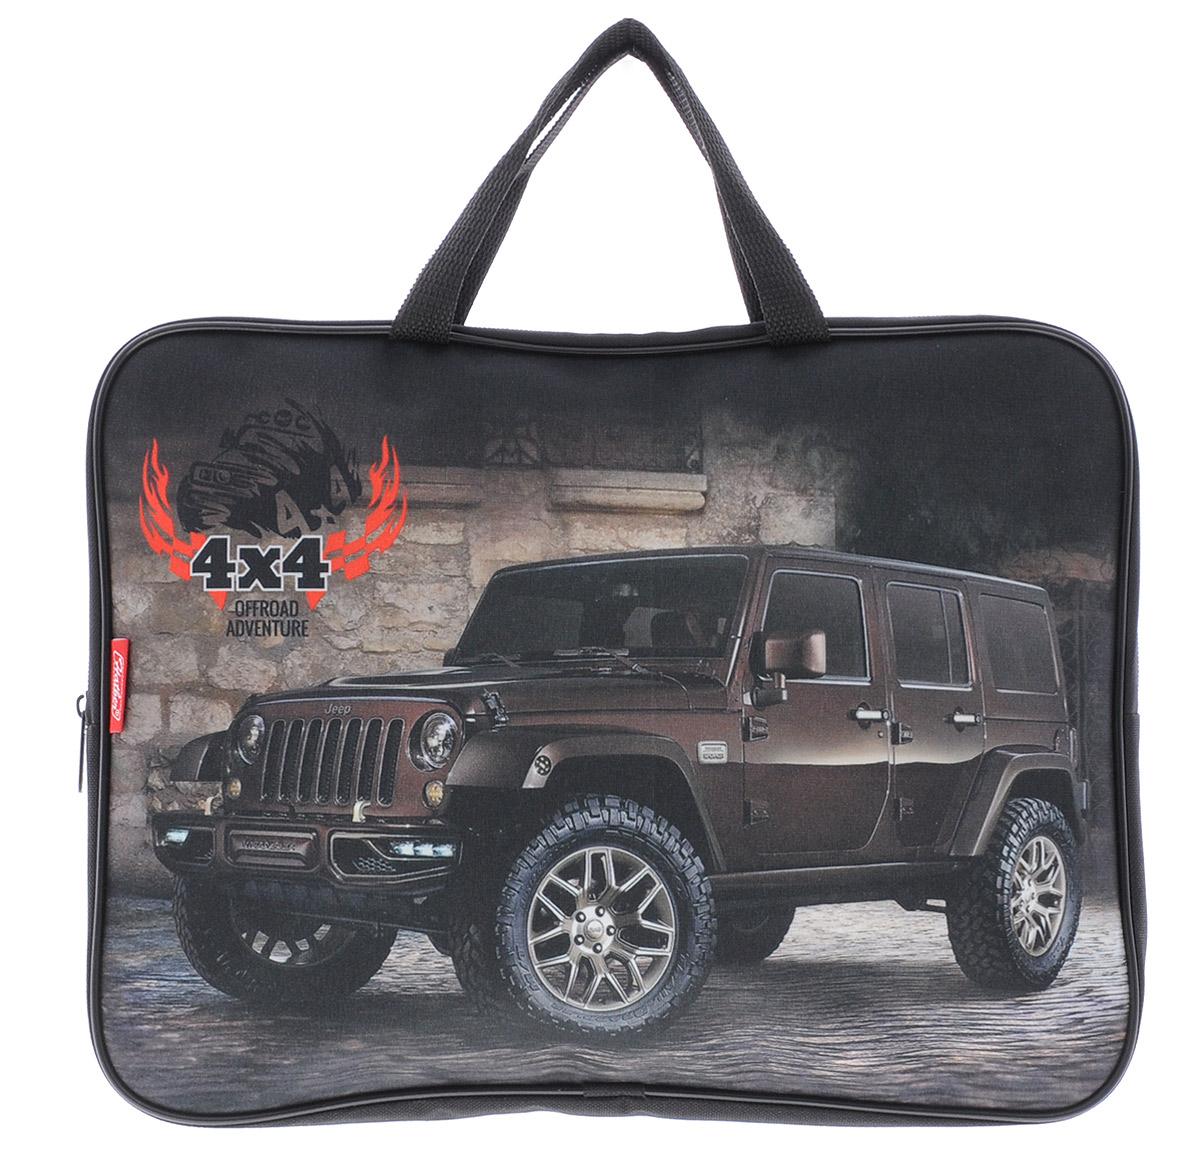 Hatber Сумка-папка Jeep формат А4NSn_41186Сумка-папка Hatber Jeep формата А4 - это сочетание удобства, качества и оригинального дизайна. Сумка подходит как для детей, так и для взрослых. Имеет одно отделение на молнии, в котором удобно носить тетради, альбомы для рисования и другие канцелярские принадлежности. Сумка имеет внутренний карман и прочные ручки. Износостойкий полиэстер сумки надежно защитит важные бумаги.